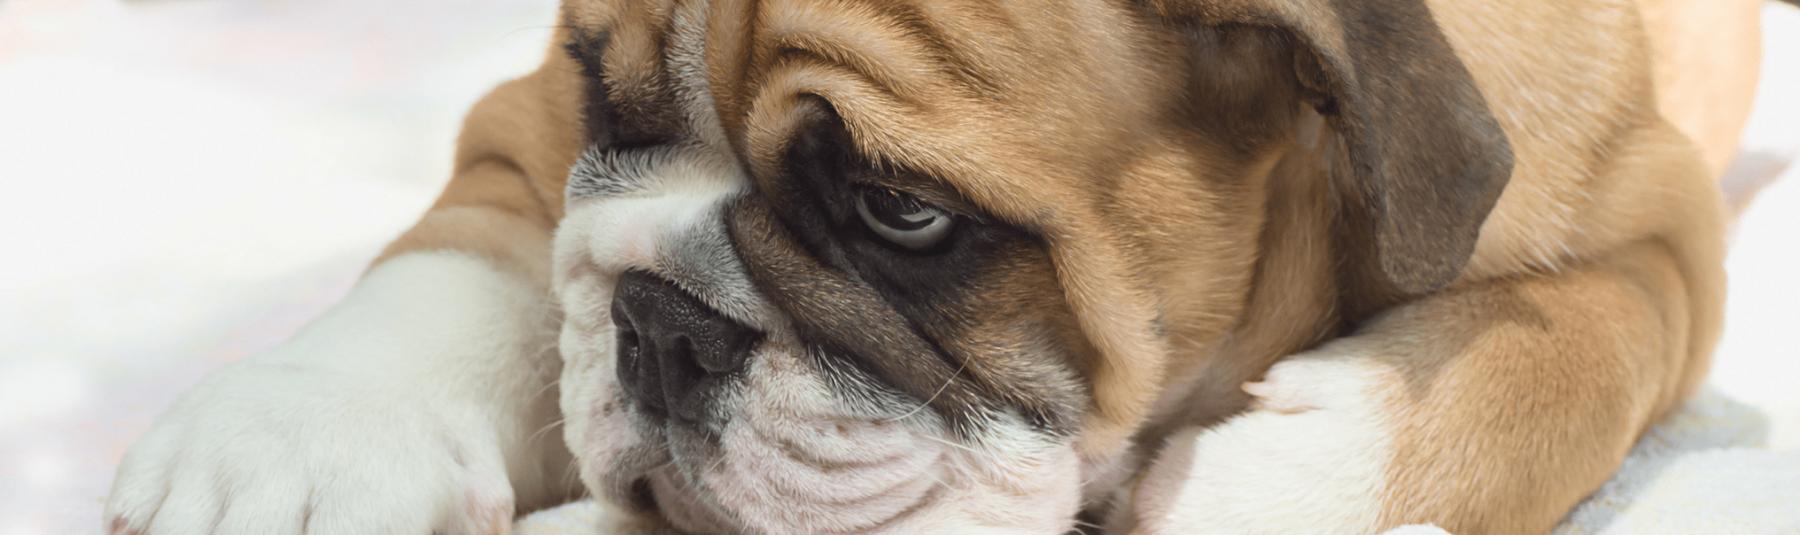 Sad dog looking down